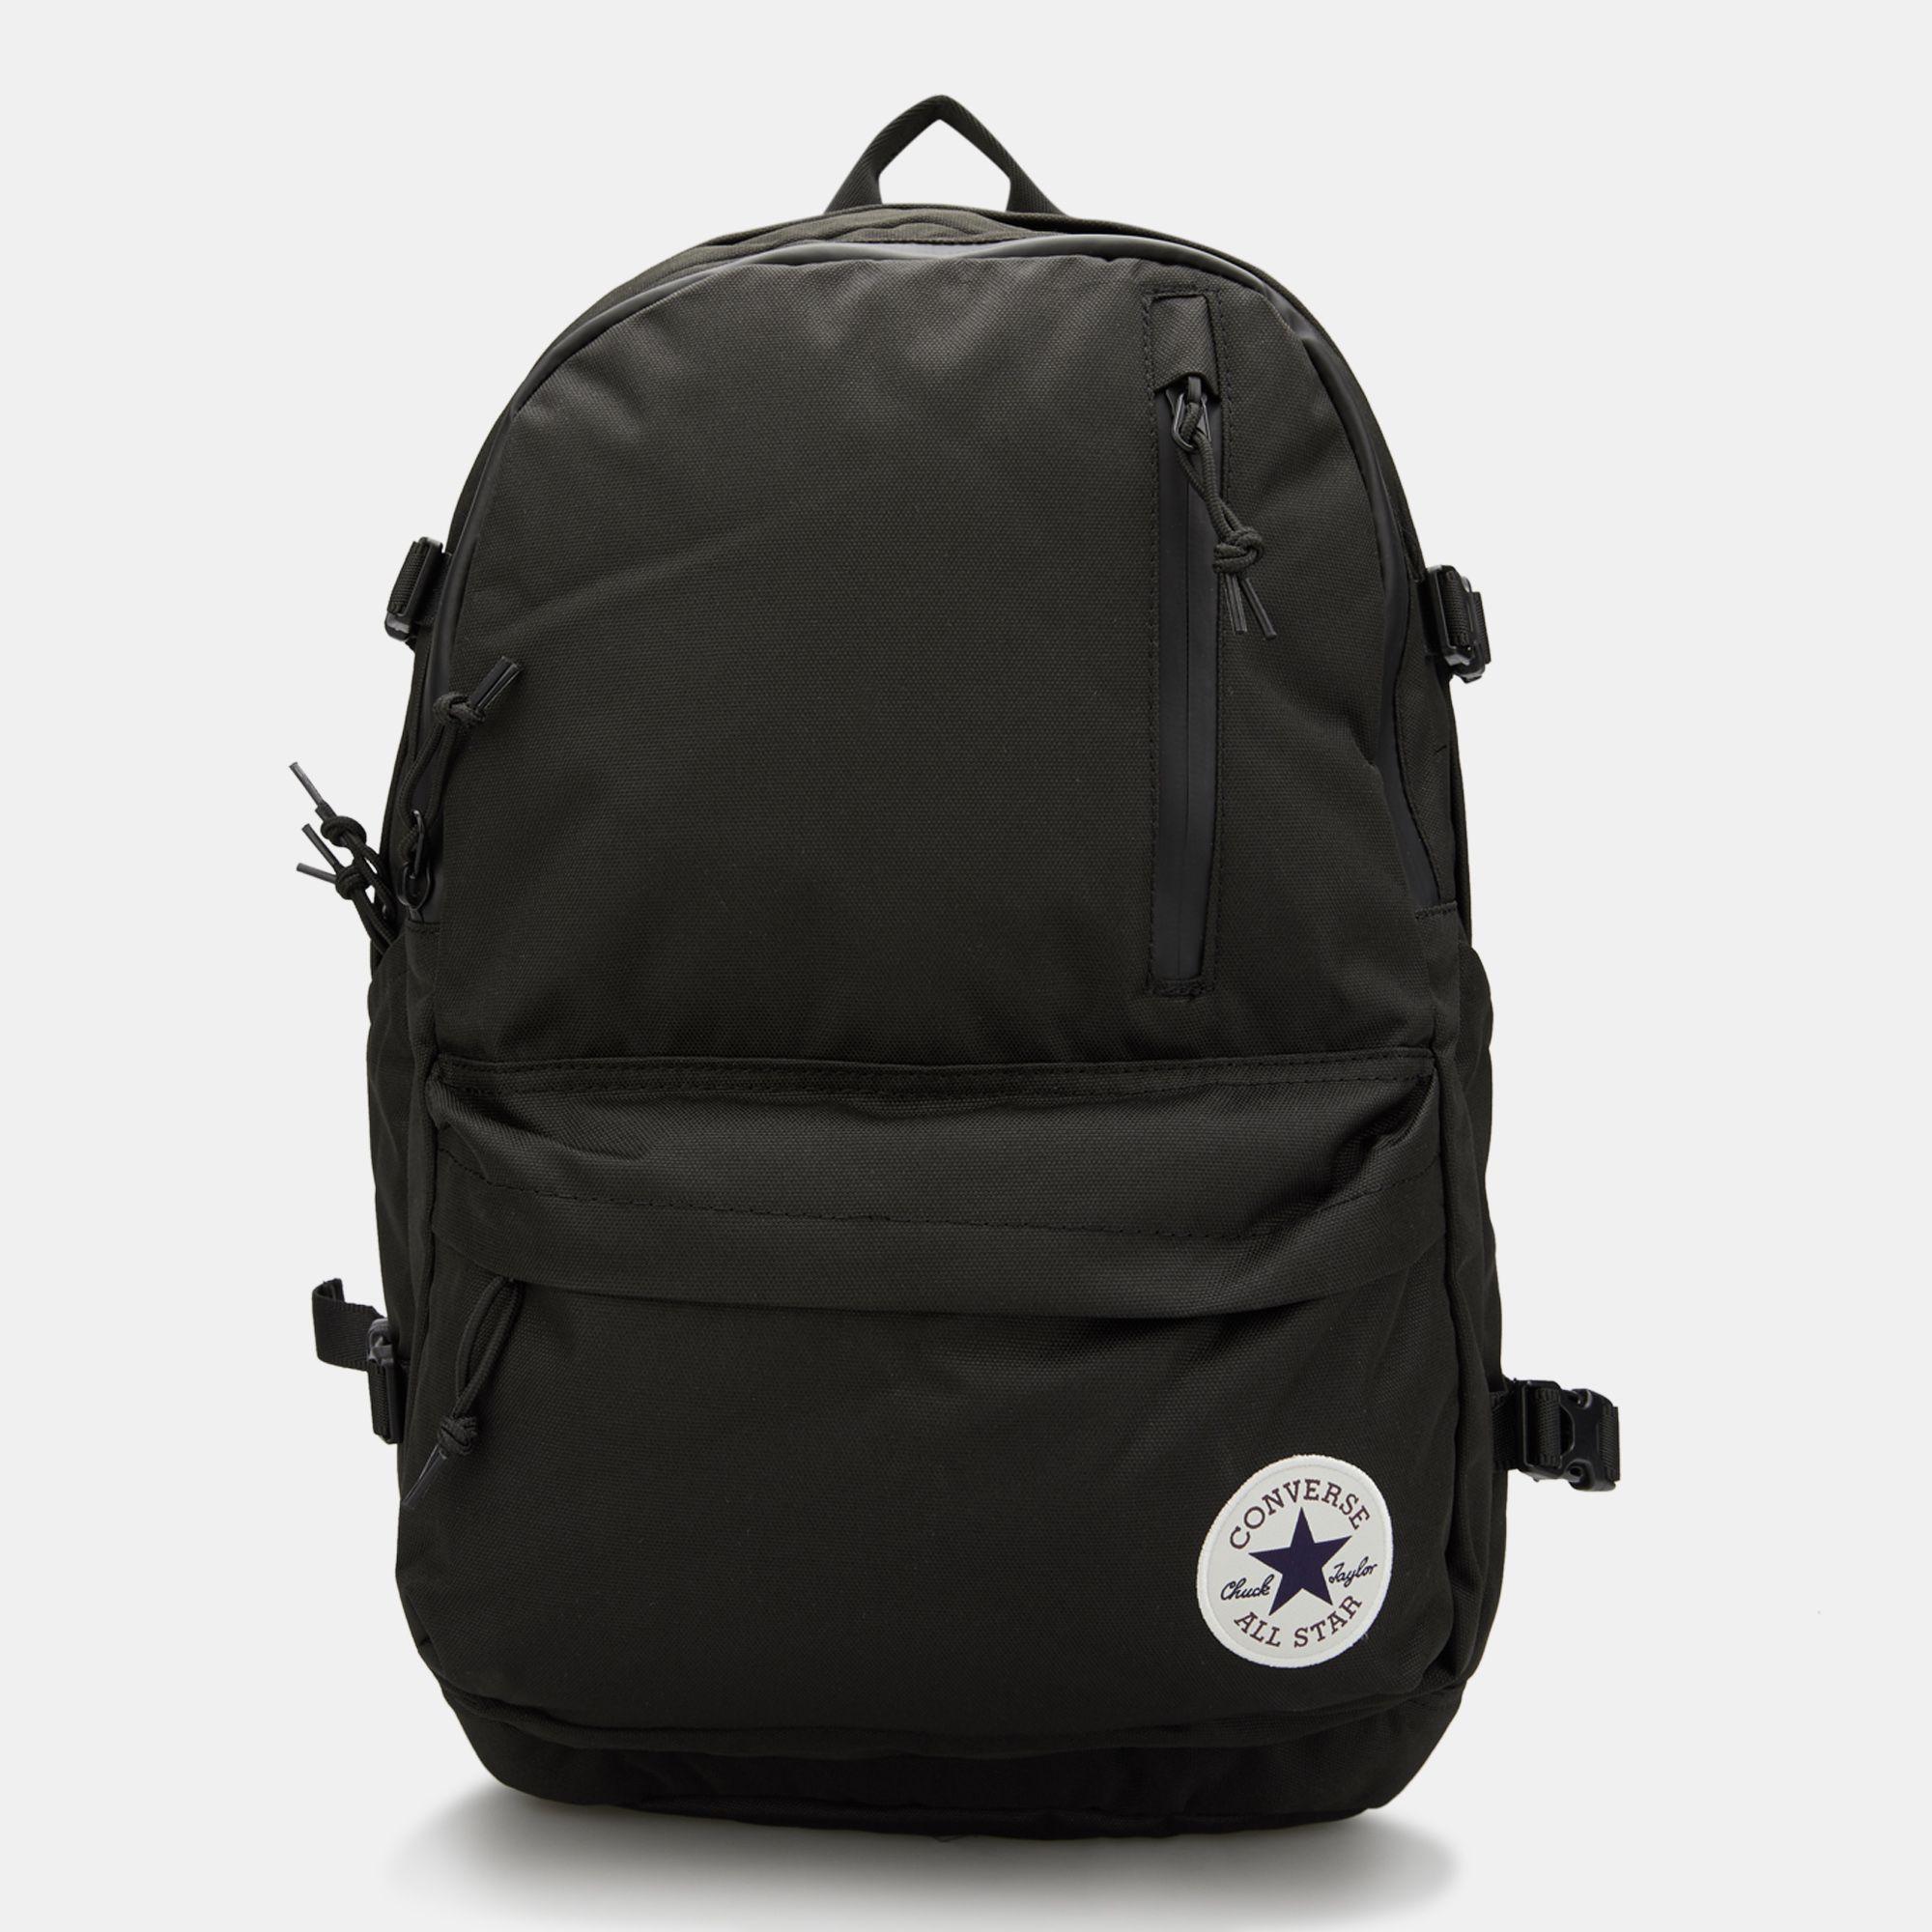 Черный рюкзак Converse BackPack Straight EDGE